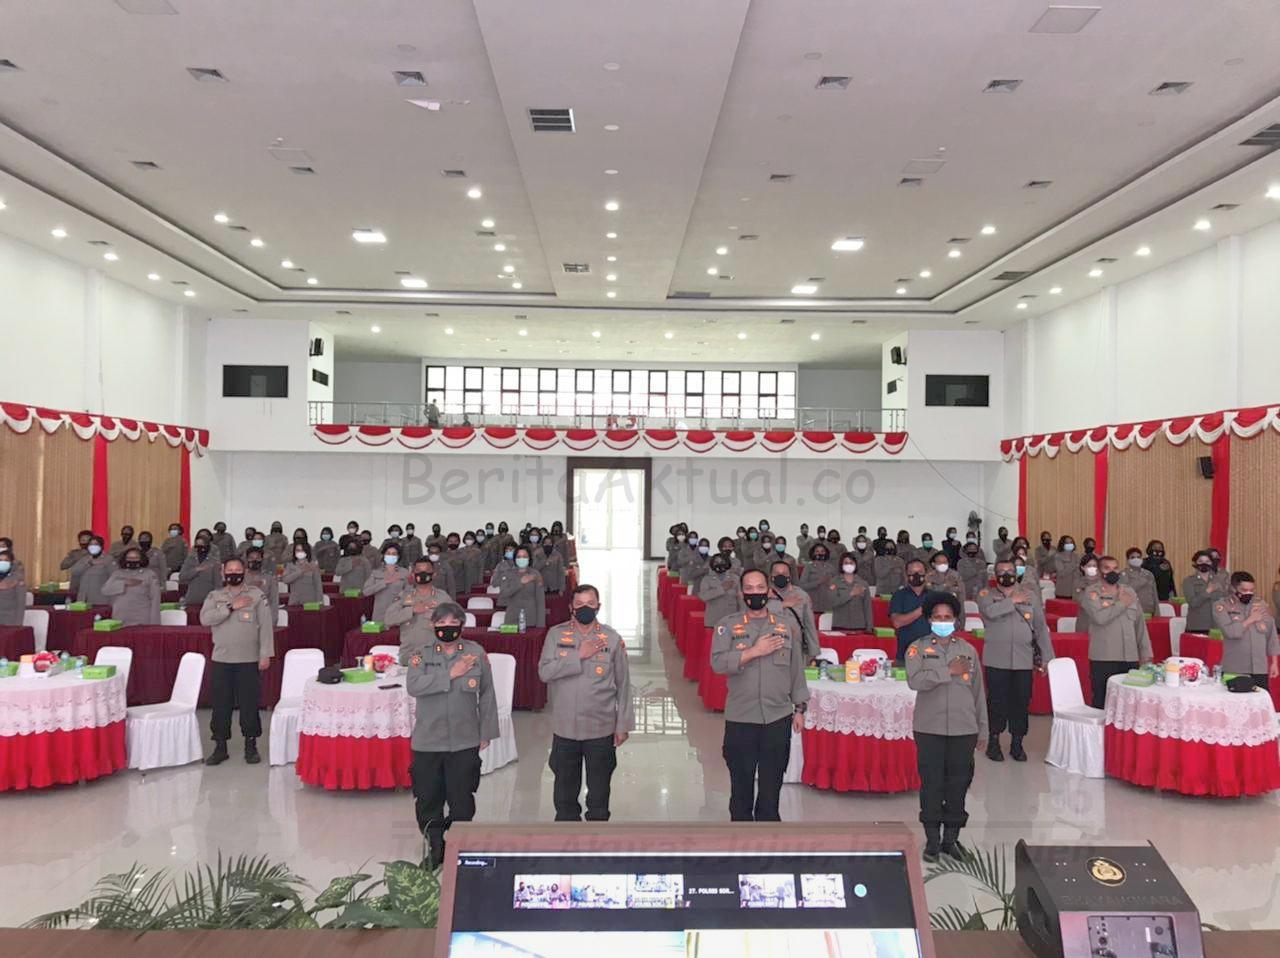 Kapolda PB: Polwan Garda Terdepan Menjunjung Tinggi Kode Etik Dan Disiplin 3 IMG 20210319 130549